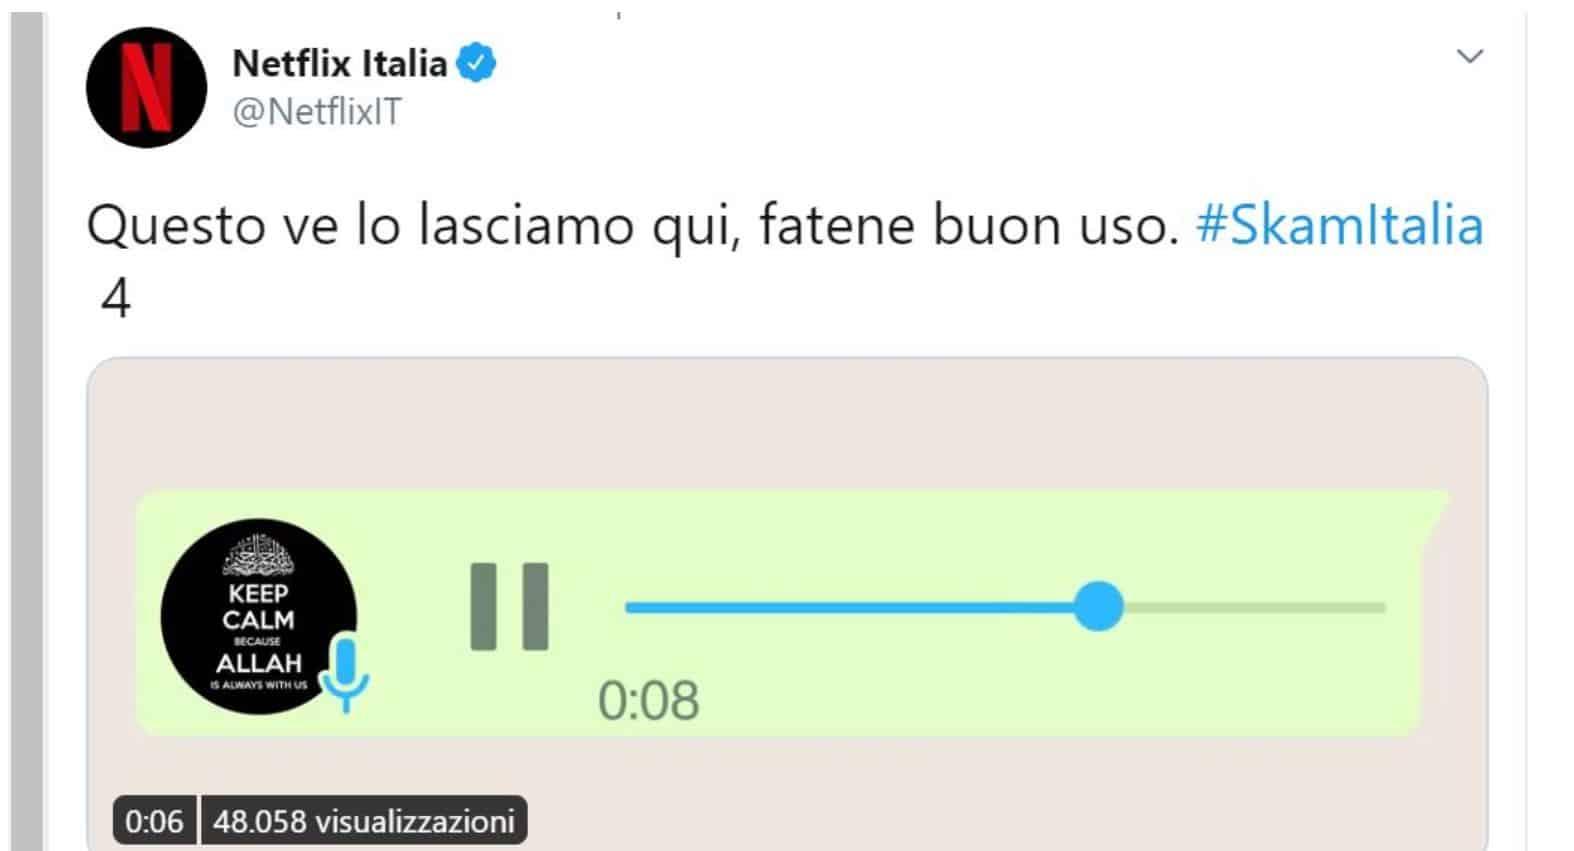 Skam Italia 4 in uscita: Netflix pubblica il primo teaser e i fans iniziano il conto alla rovescia